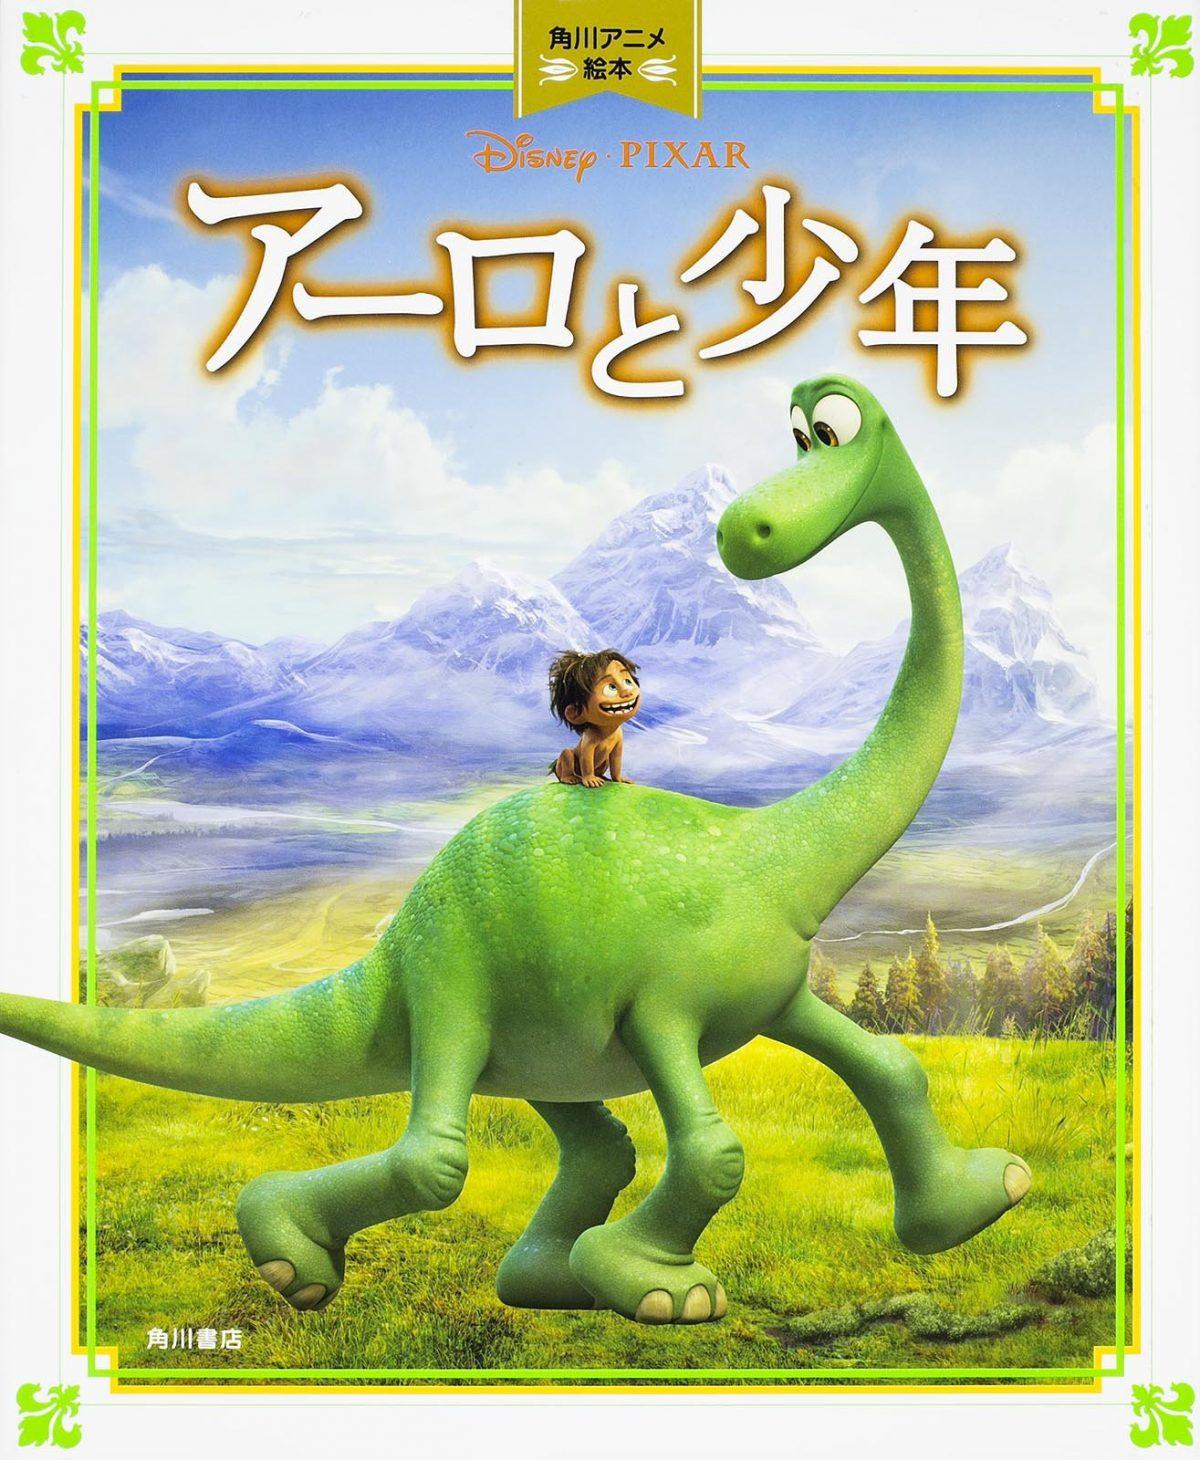 絵本「アーロと少年 角川アニメ絵本」の表紙